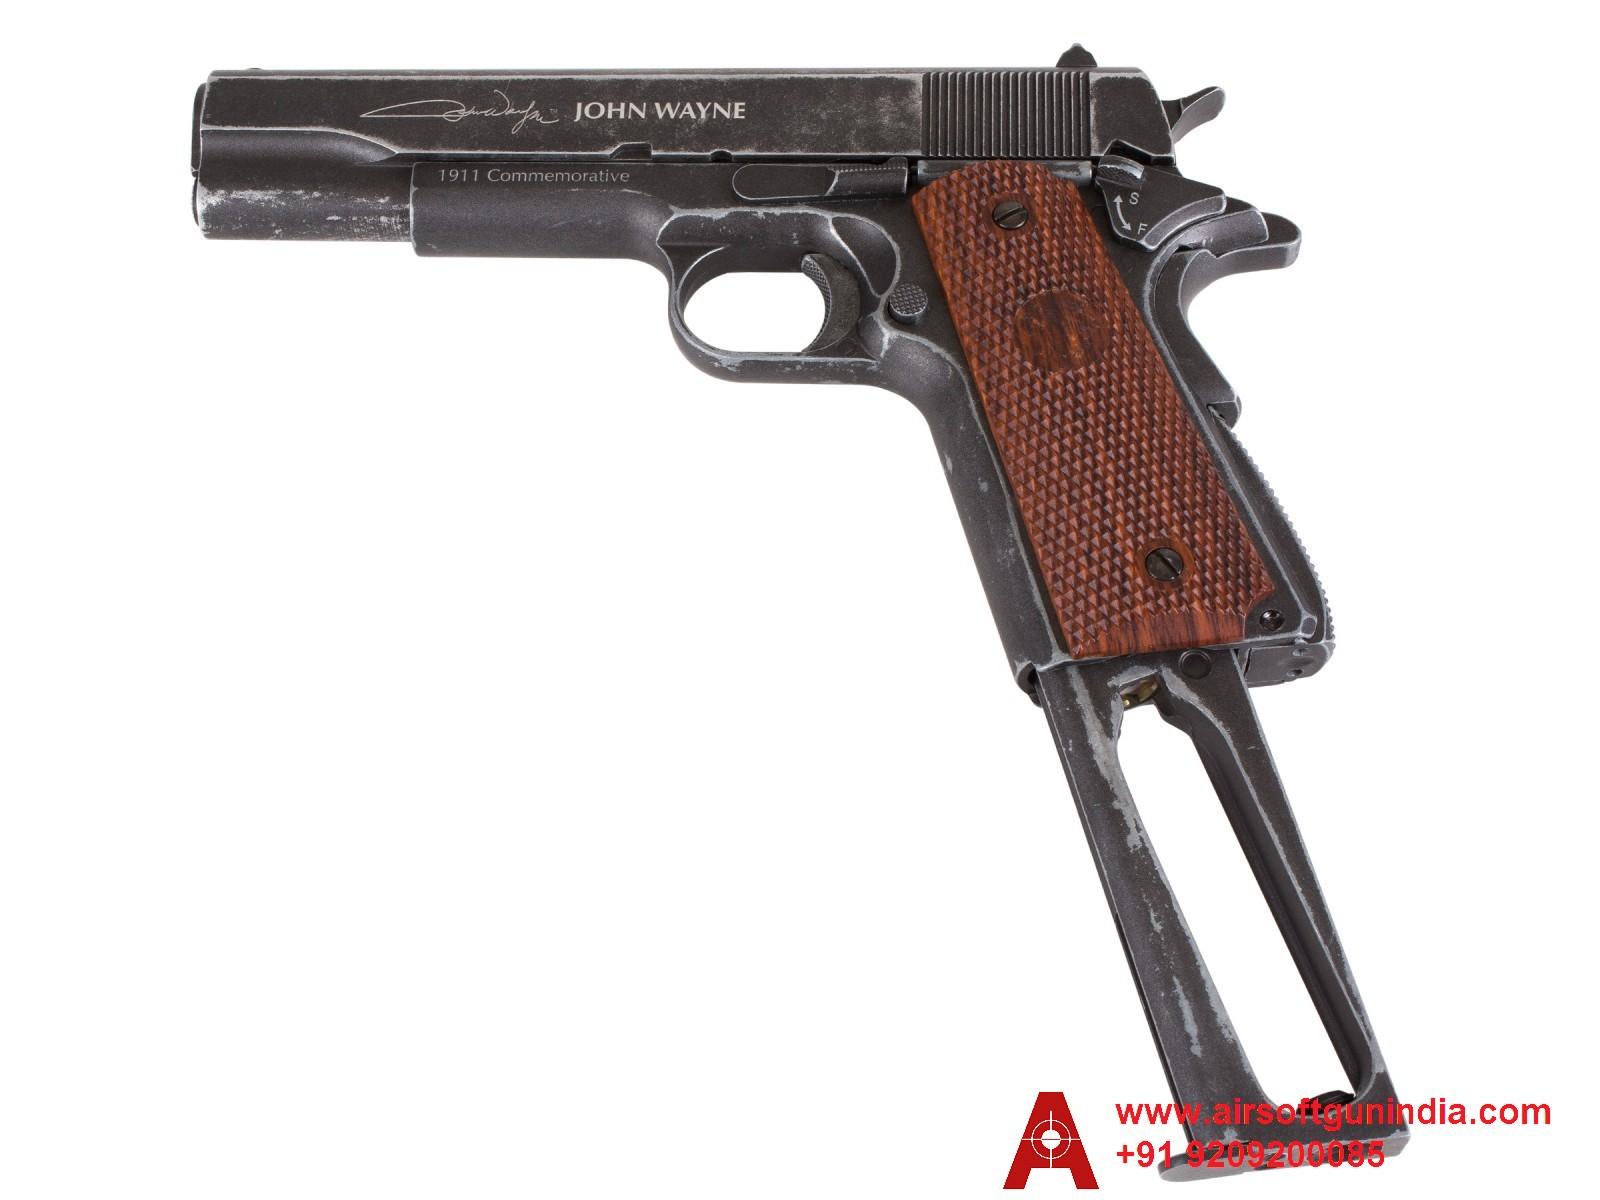 John Wayne 1911 Metal CO2 BB Pistol  Brown Grips By Airsoft Gun India